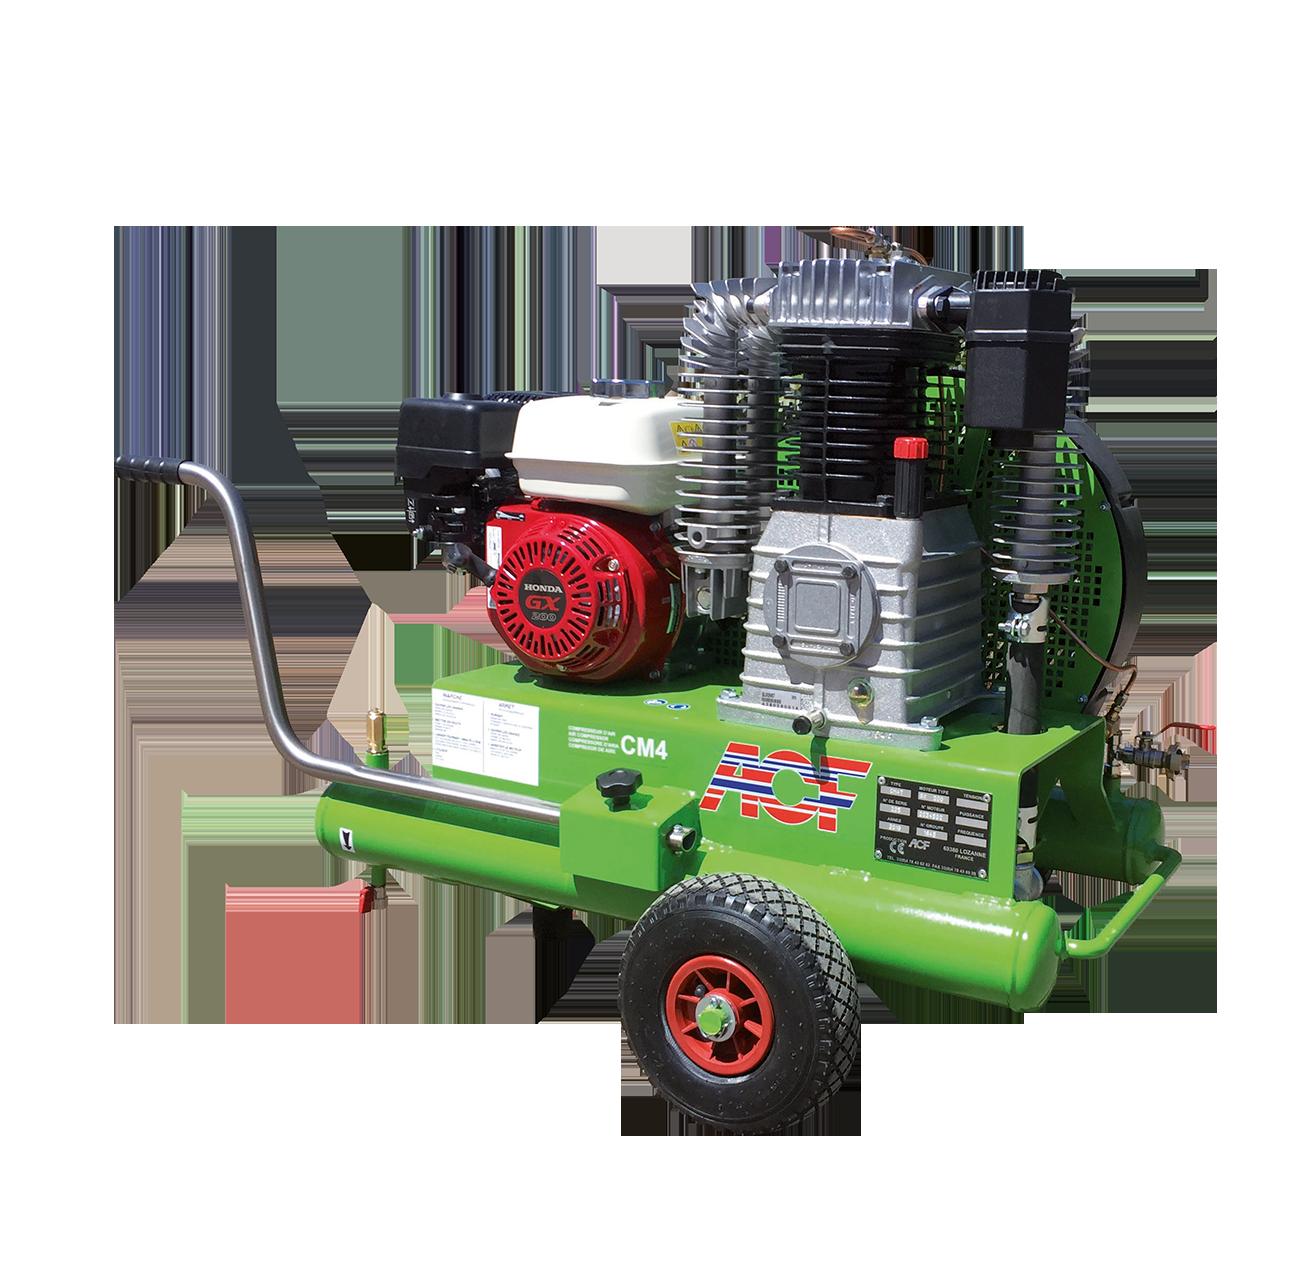 Druckluft Kompressor CM4 HL